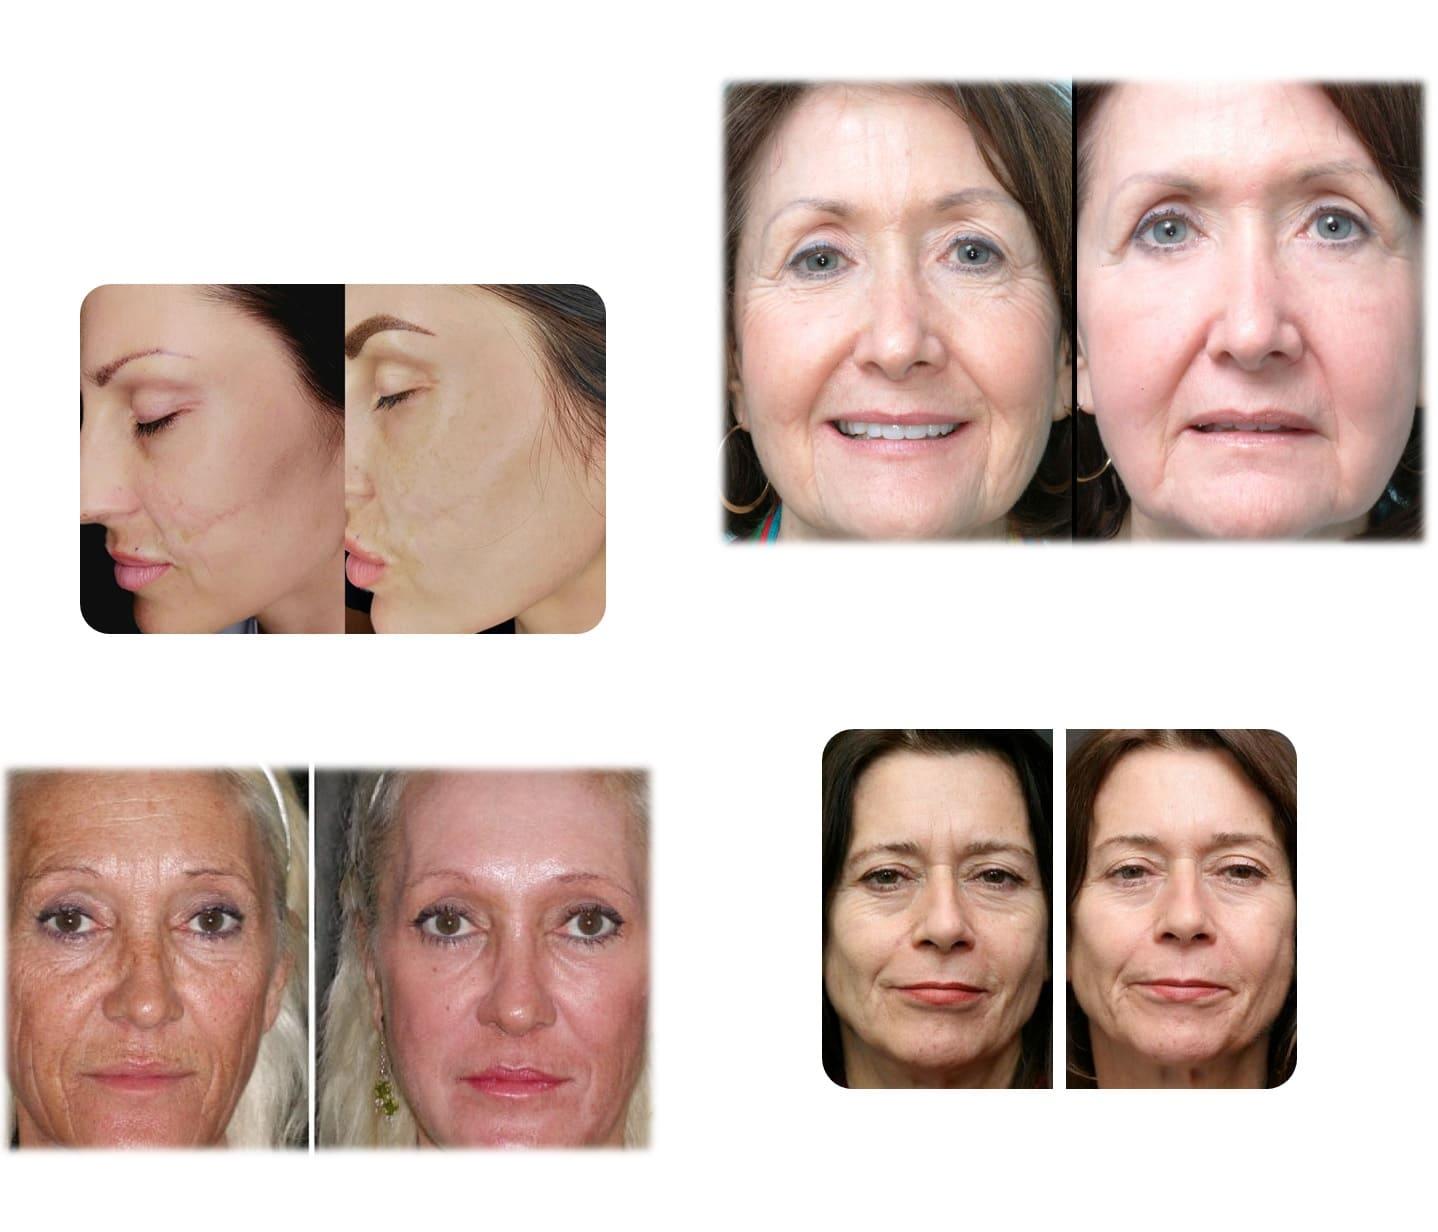 Serum reparador celular Dr. Fontboté cicatrices revitalizante anti edad arrugas